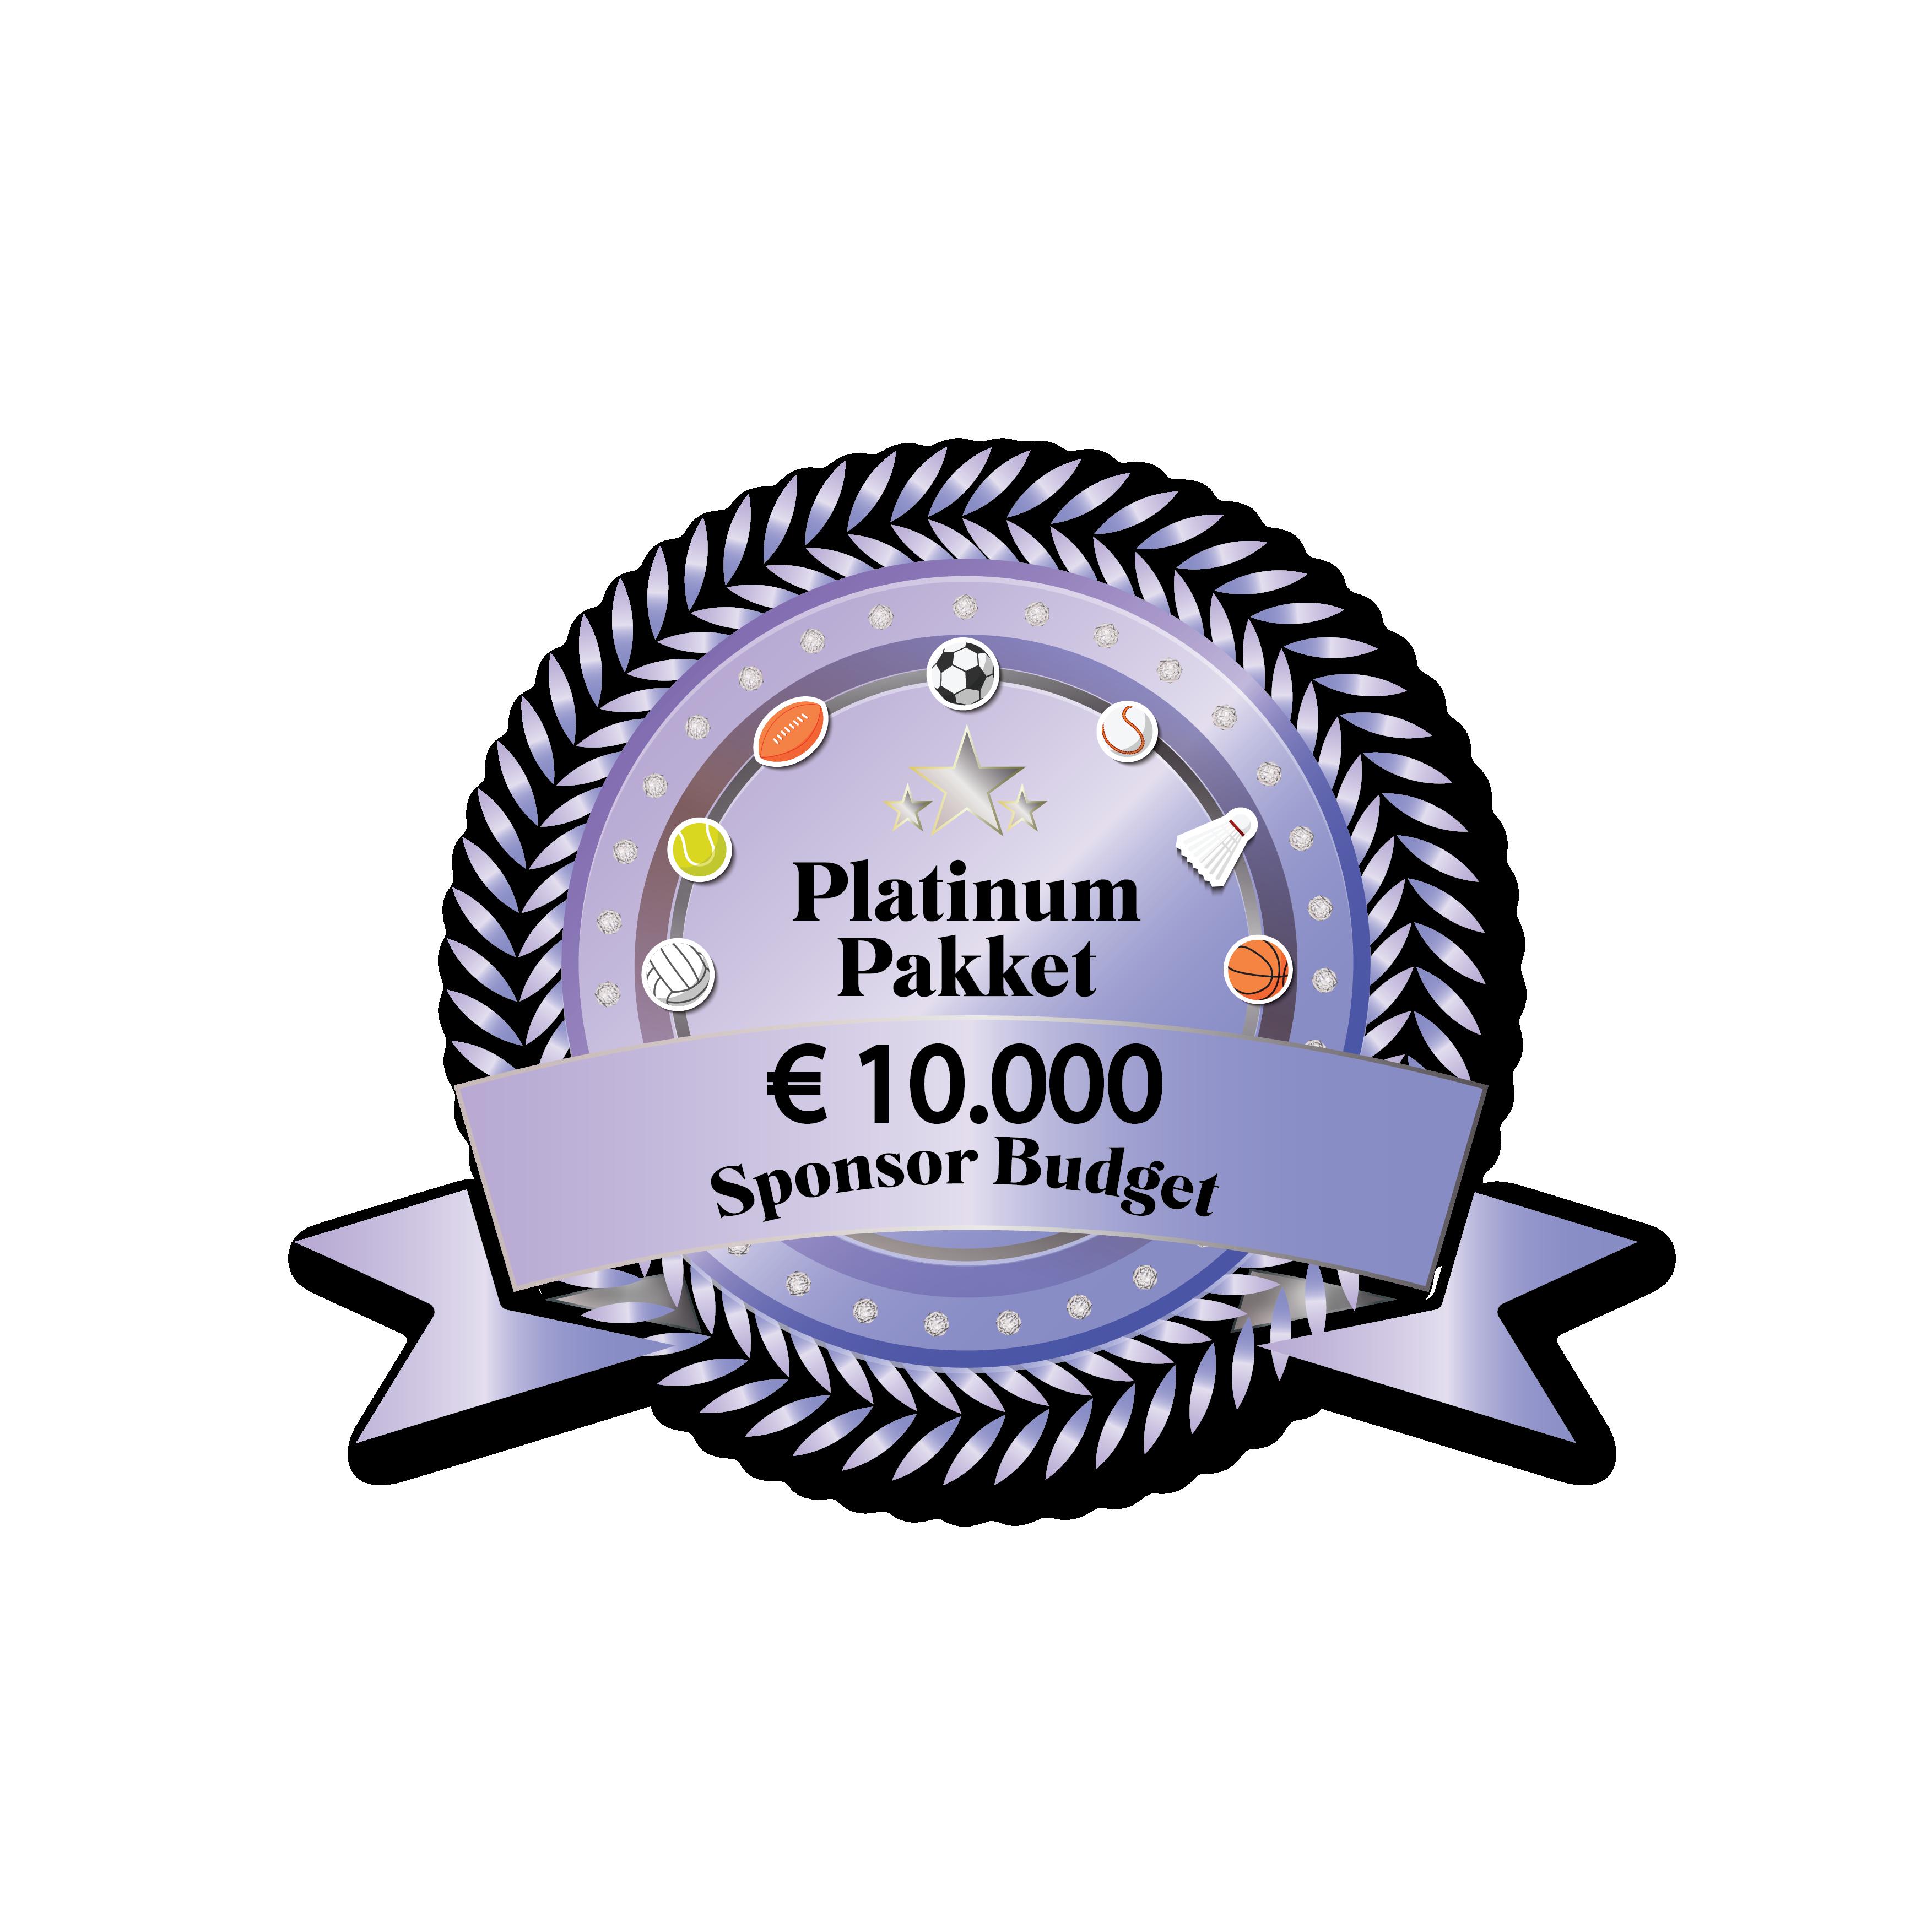 Platinum pakket